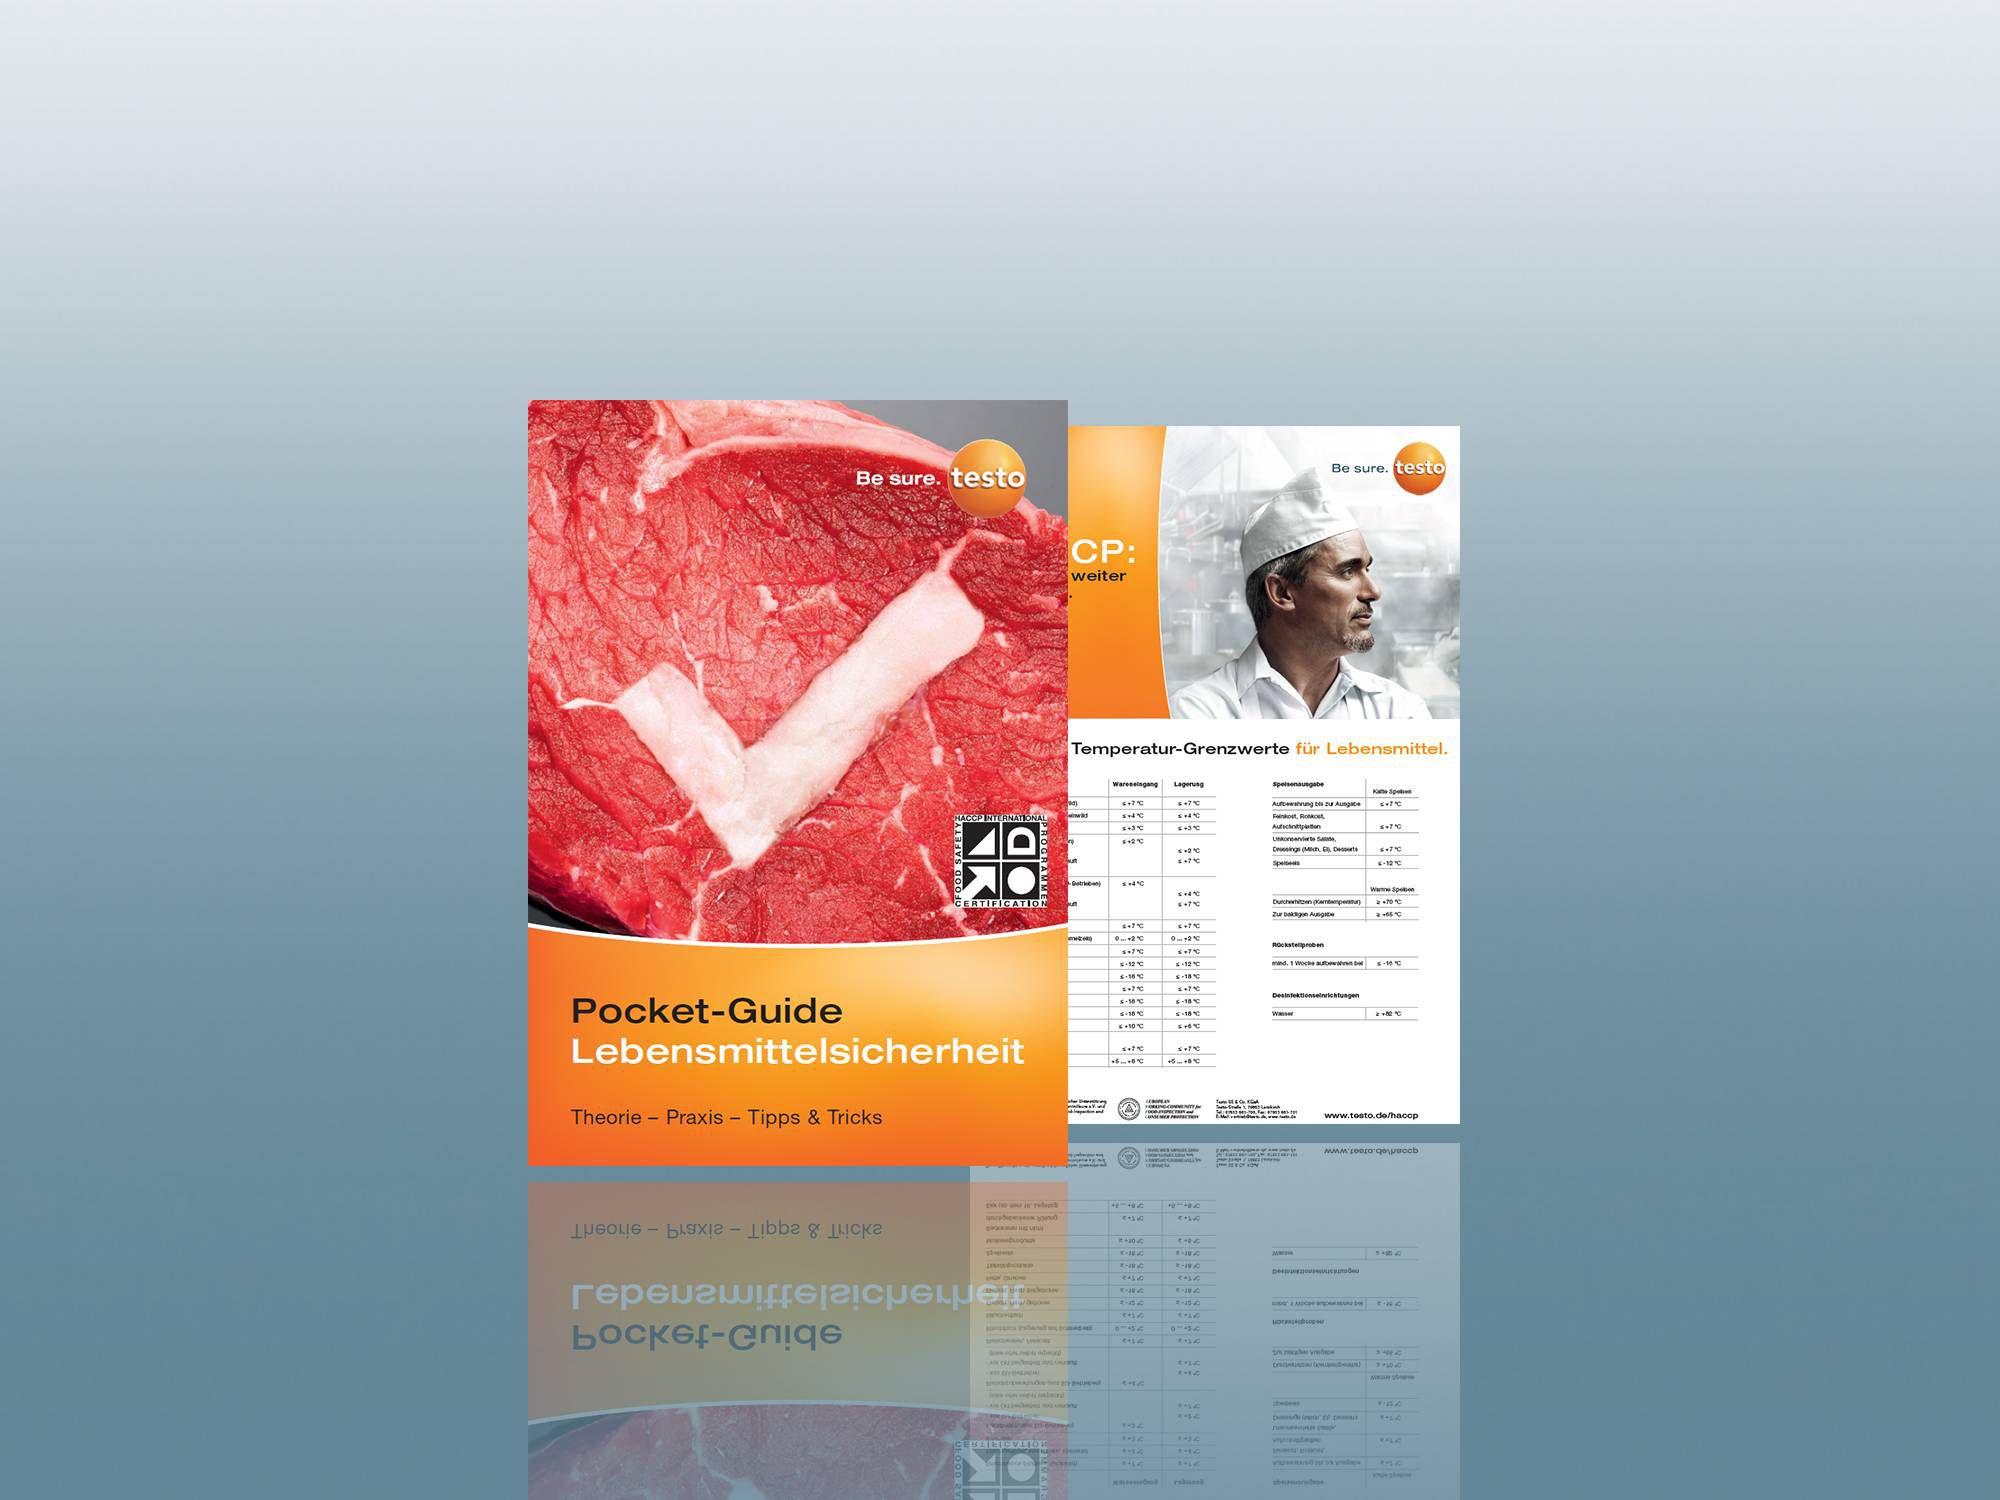 vorschaubild-pocket-guide-lebensmittelsicherheit-poster-grenzwerte.jpg